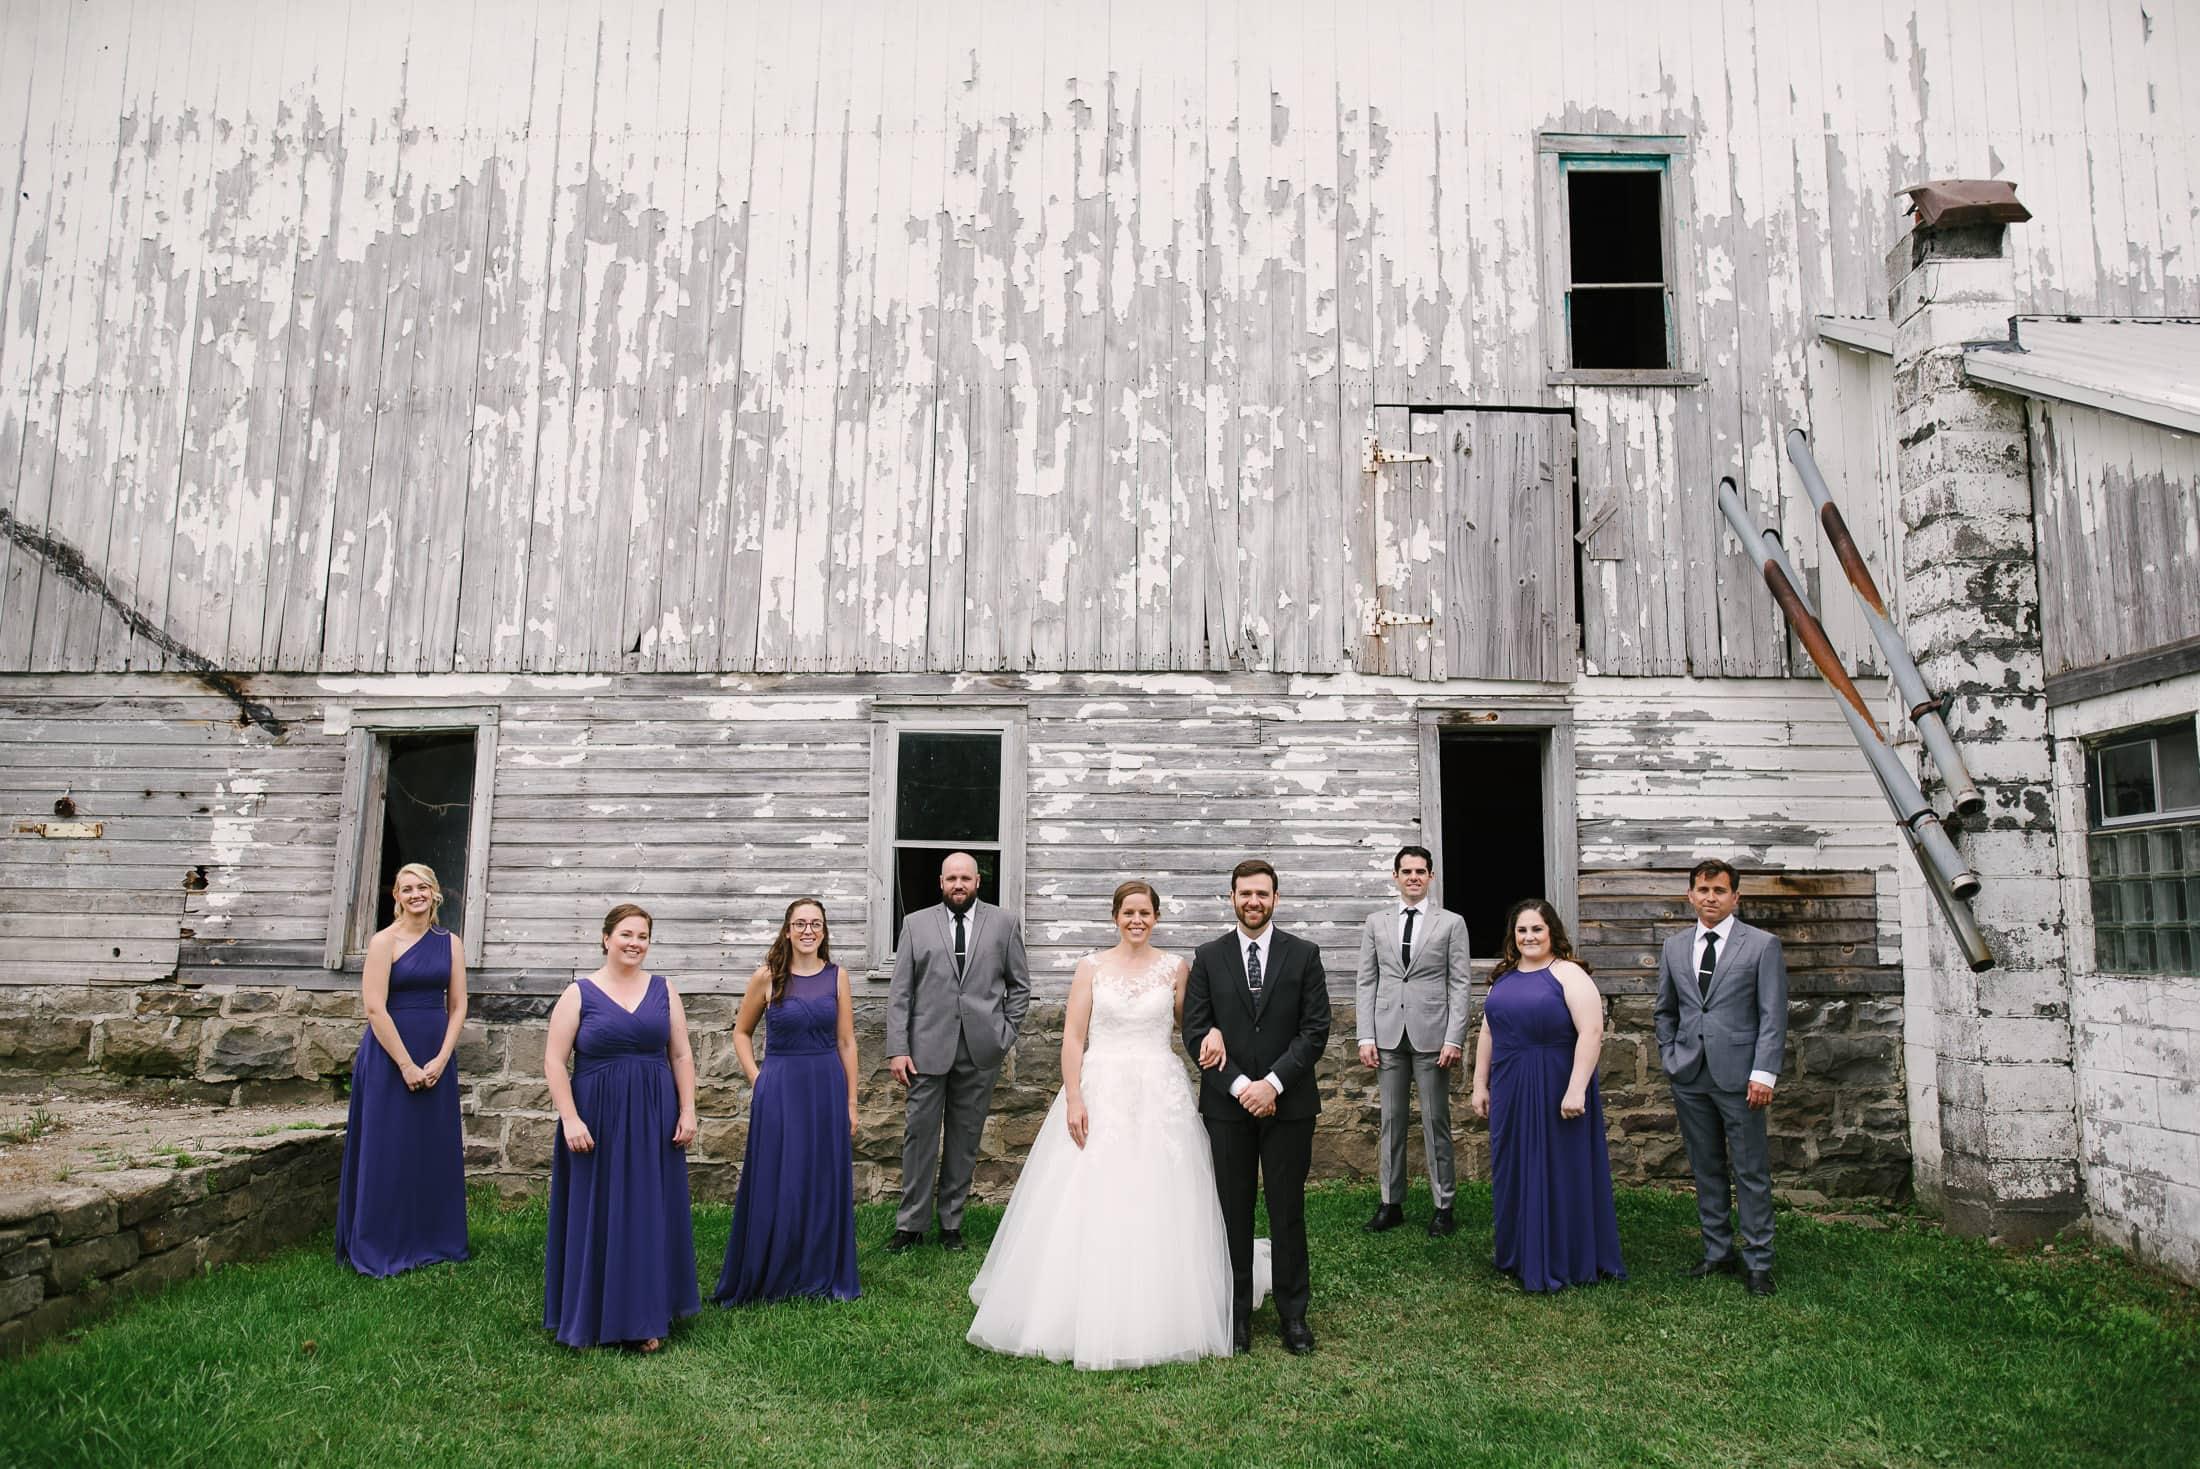 New York Dairy Farm Wedding Wedding Party